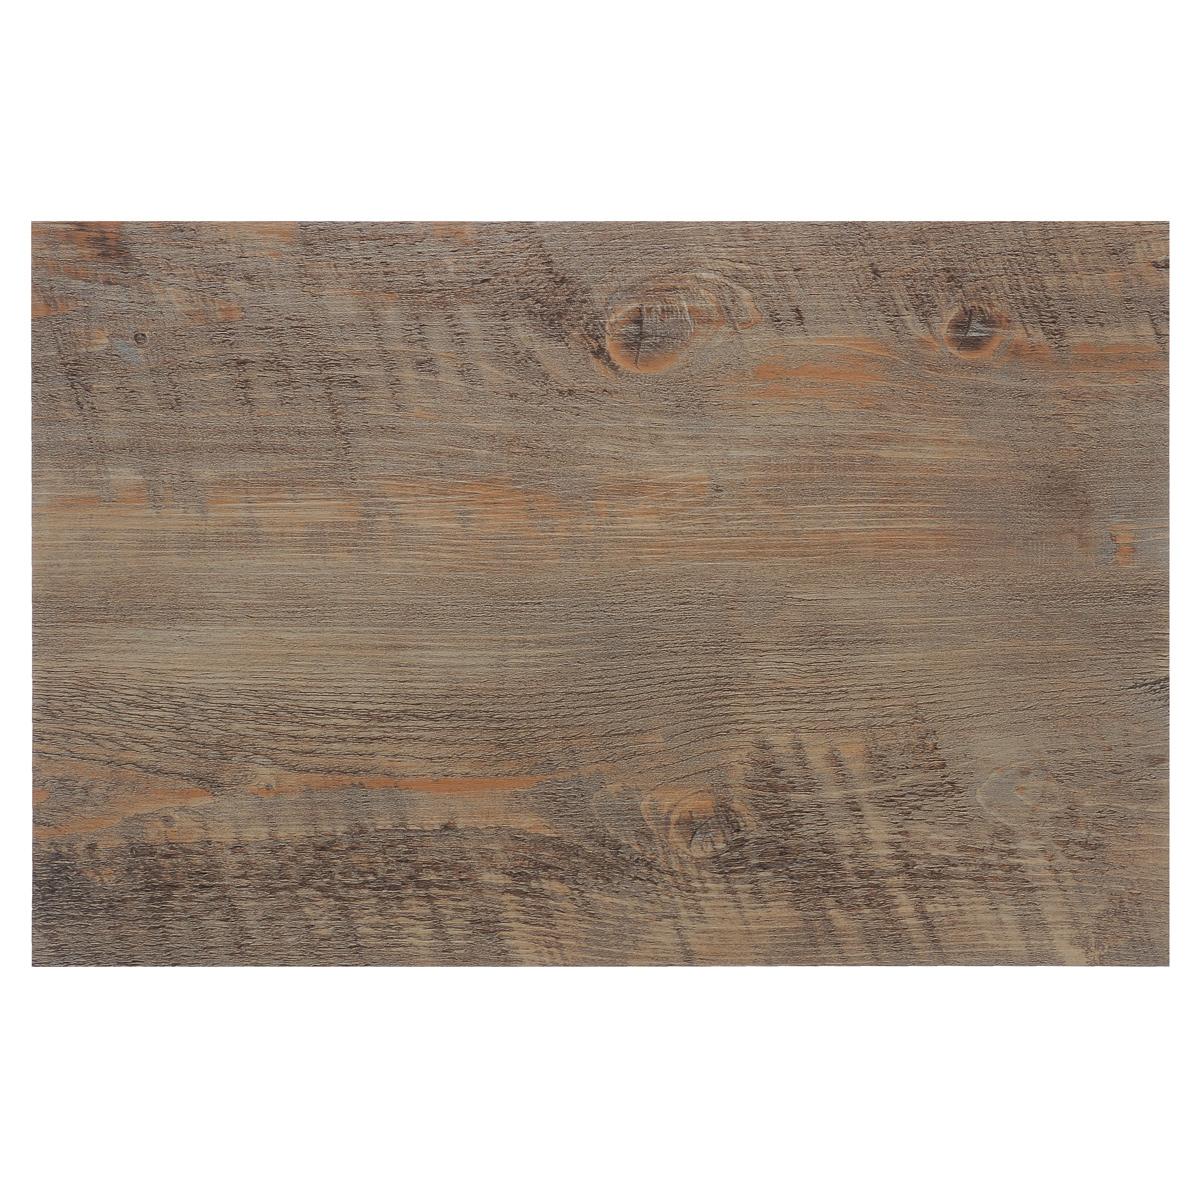 Подставка под горячее Hans & Gretchen, цвет: коричневый, 45 х 30 см. 28HZ-9064 подставка под горячее togas андре цвет синий серый 45 х 33 см